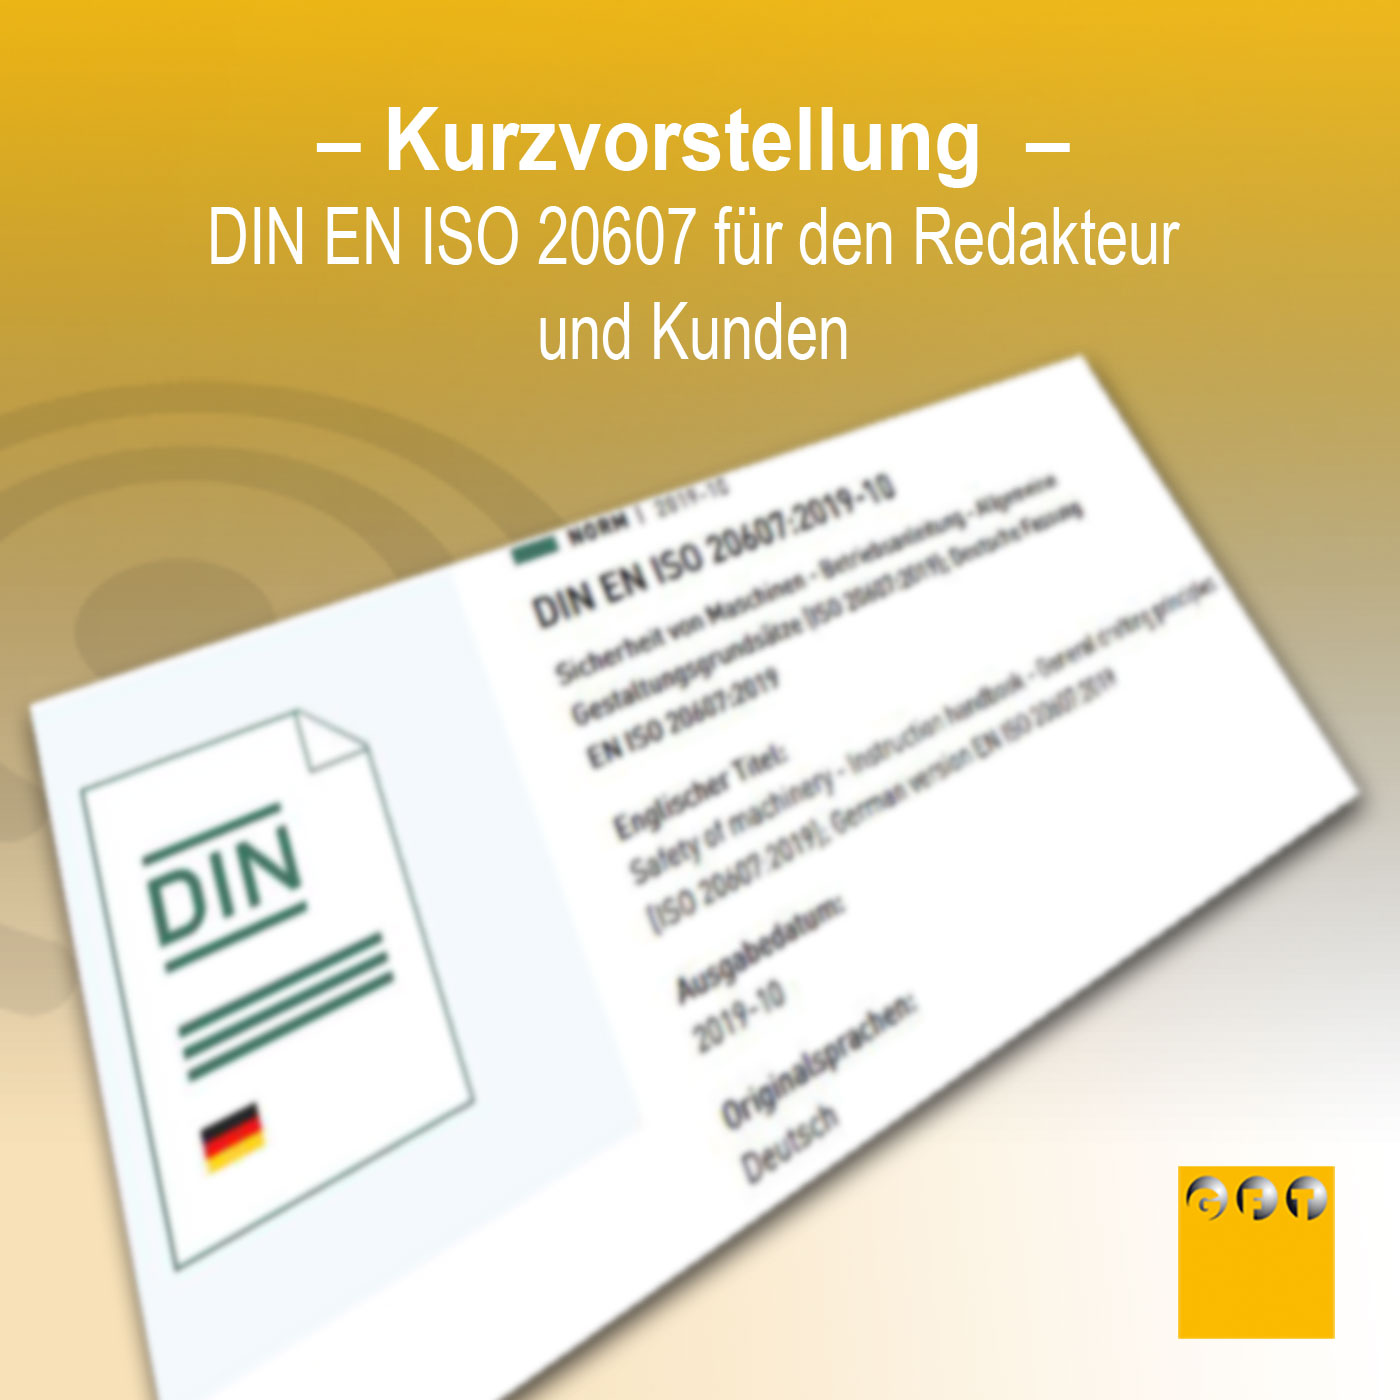 EN-ISO-20607-für-technische-redakteure